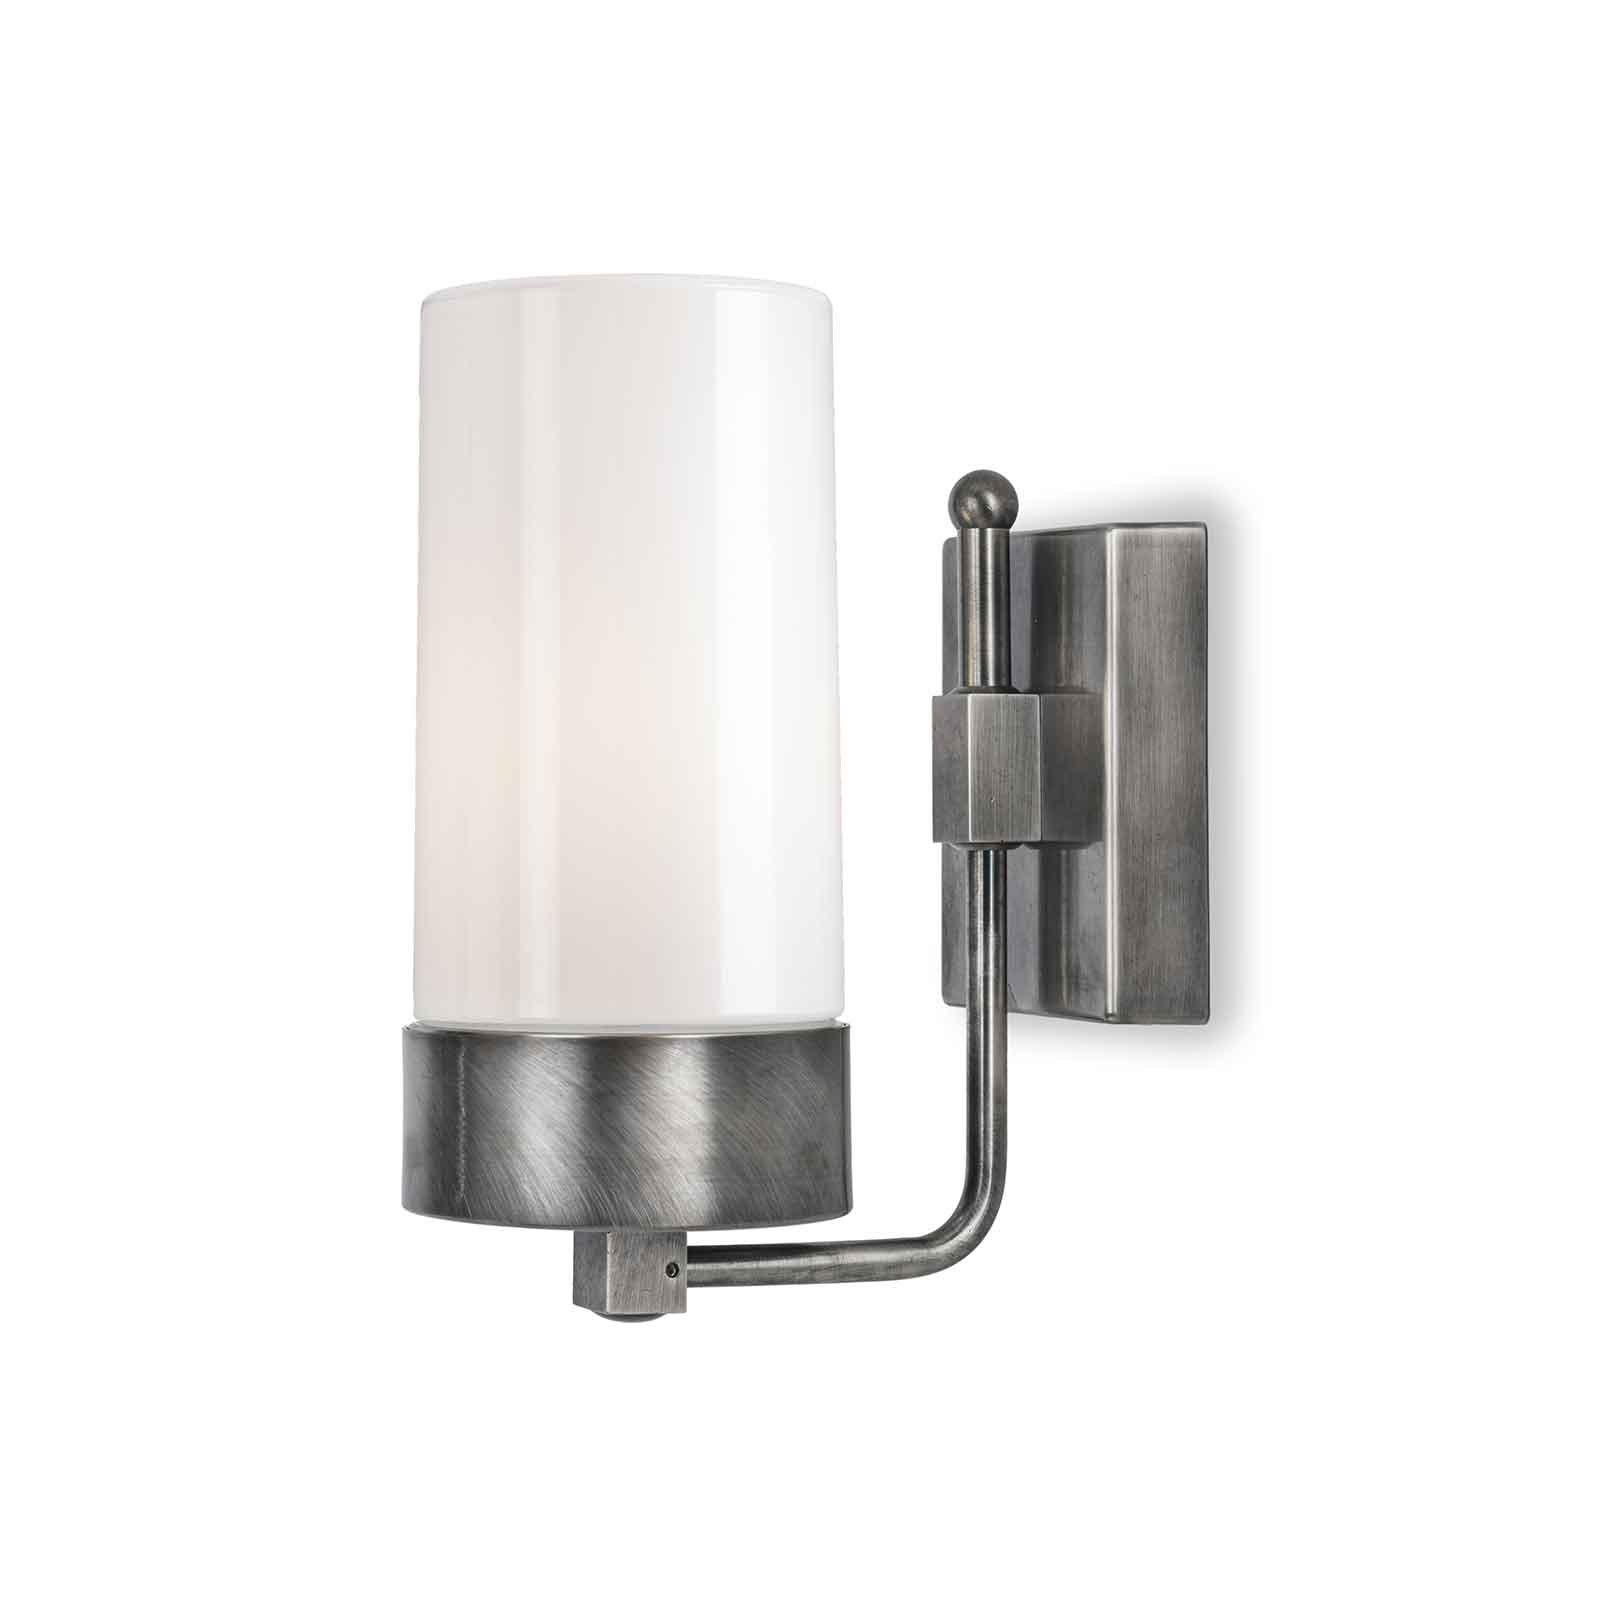 Silindar 3390 utendørs vegglampe, nikkel/opal